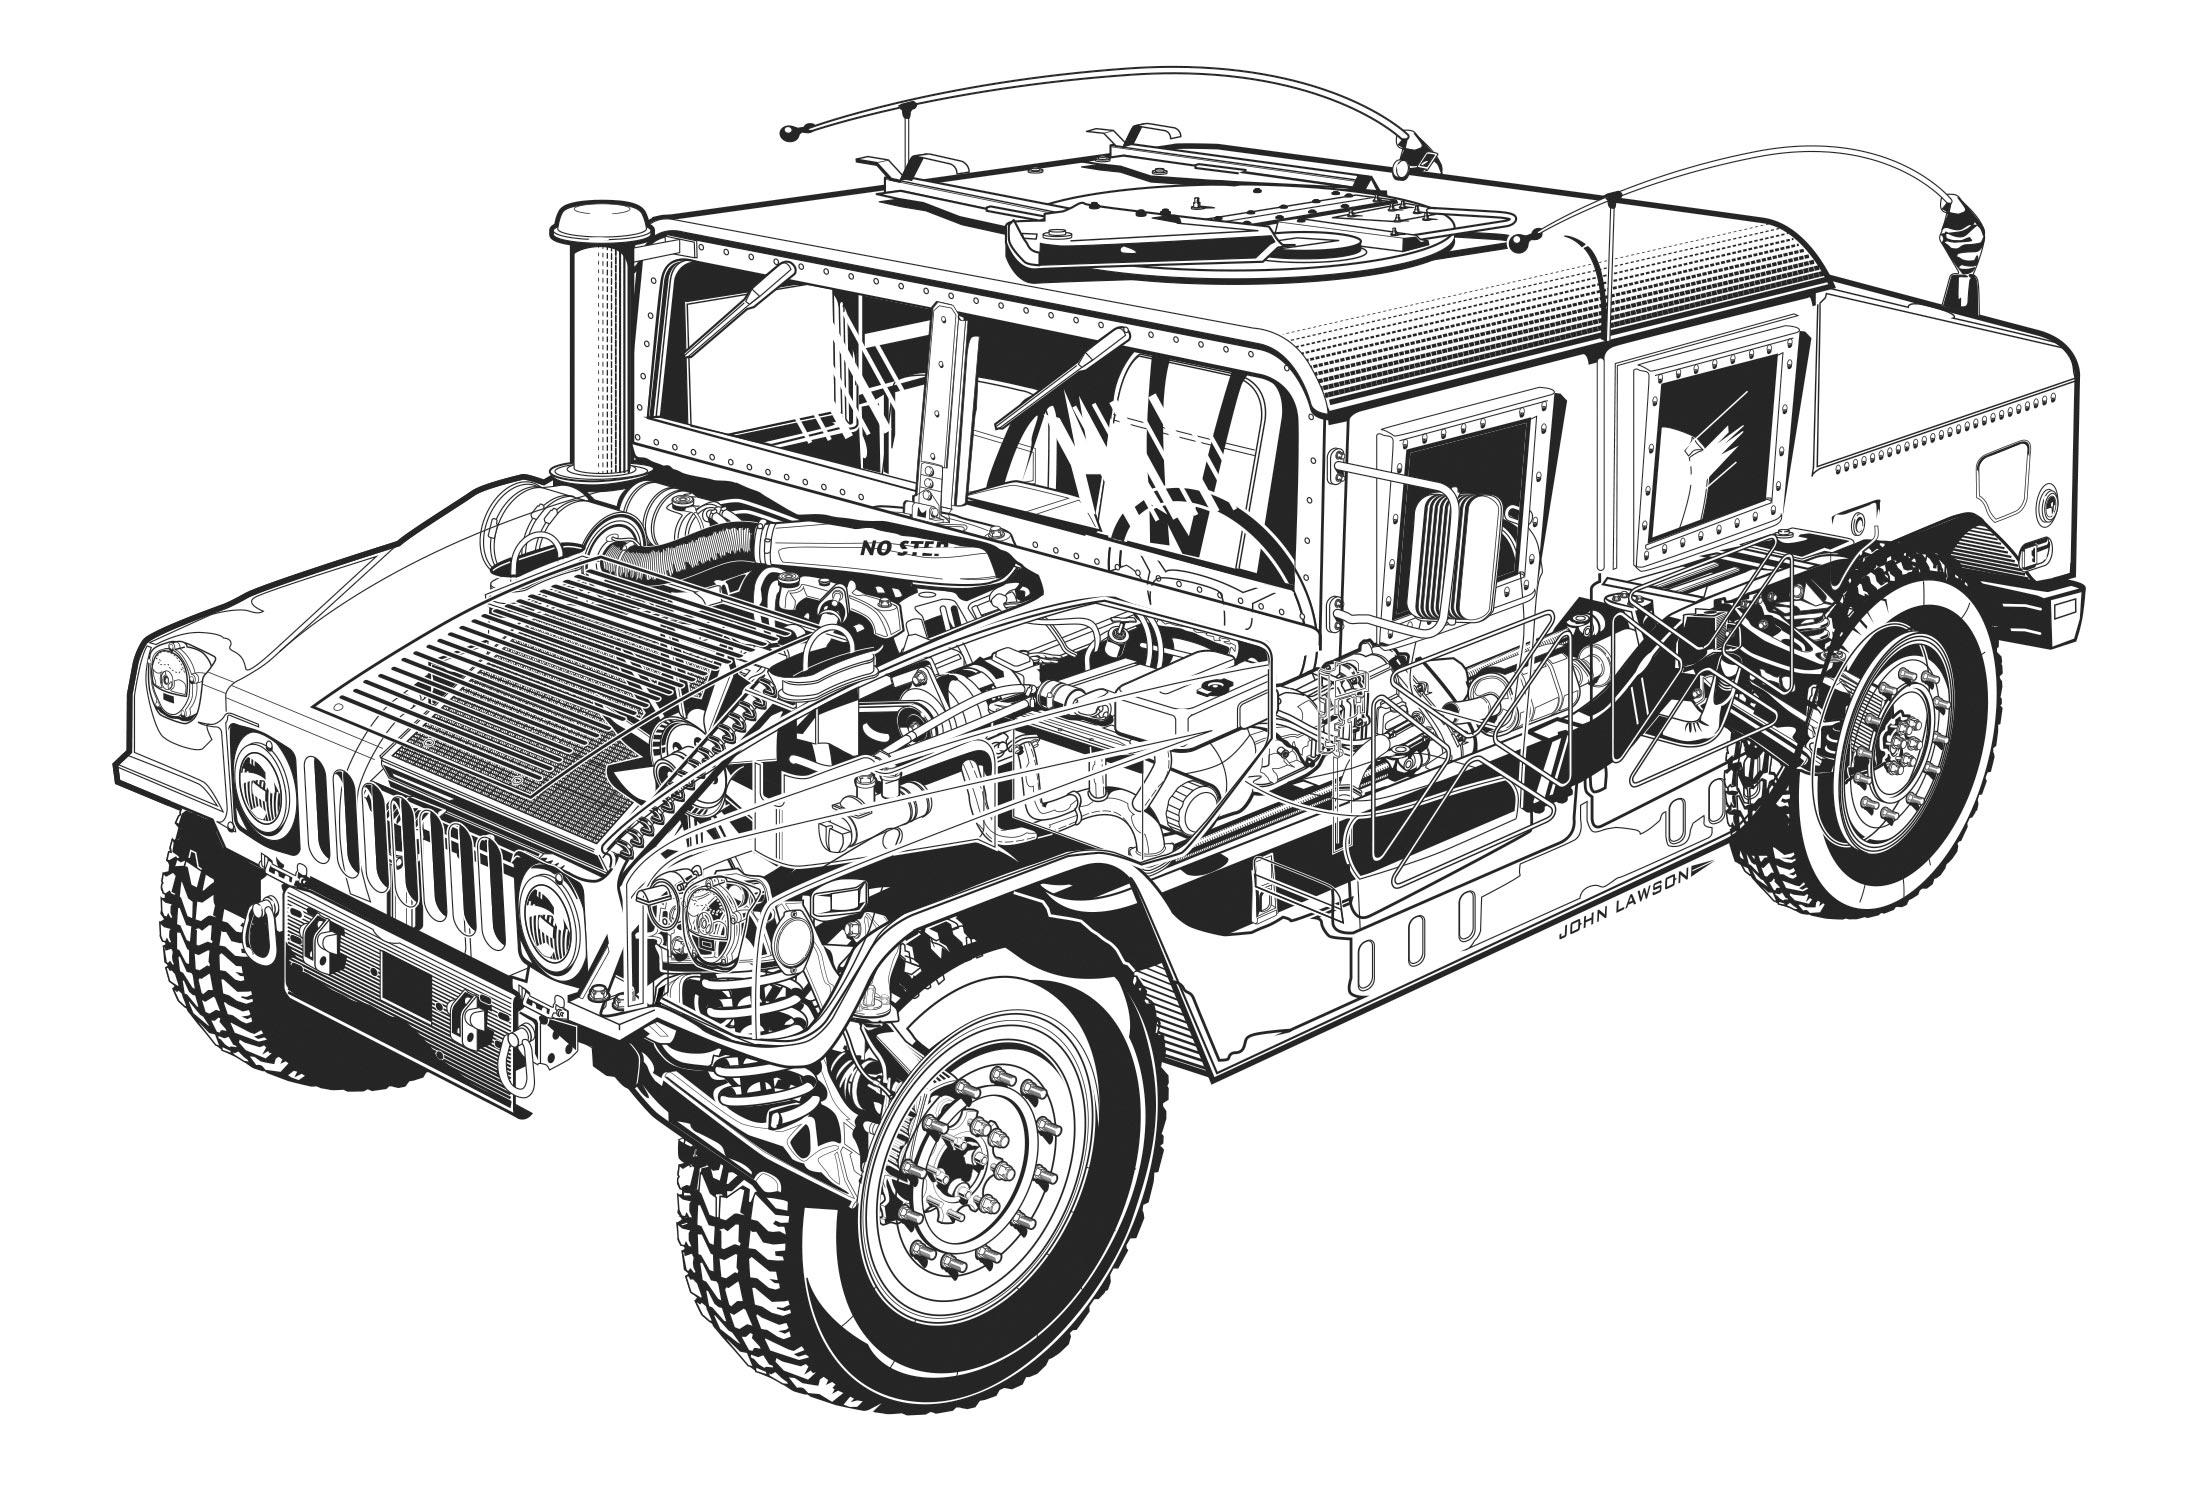 AM General HMMWV cutaway drawing